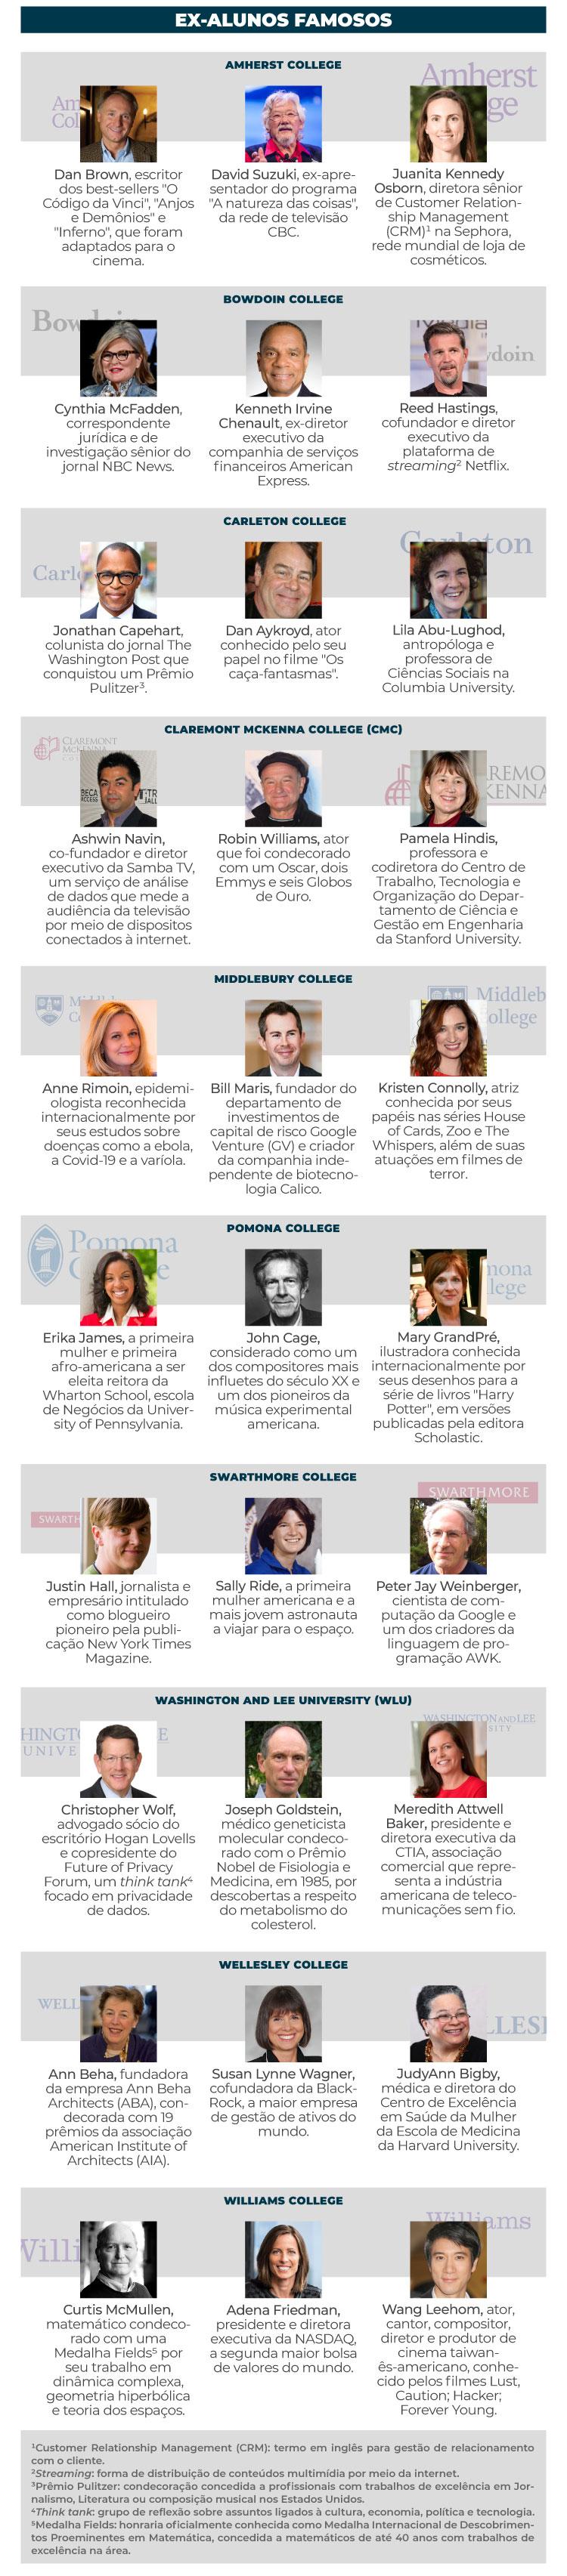 Confira uma lista de ex-alunos famosos das melhores liberal arts colleges dos Estados Unidos.